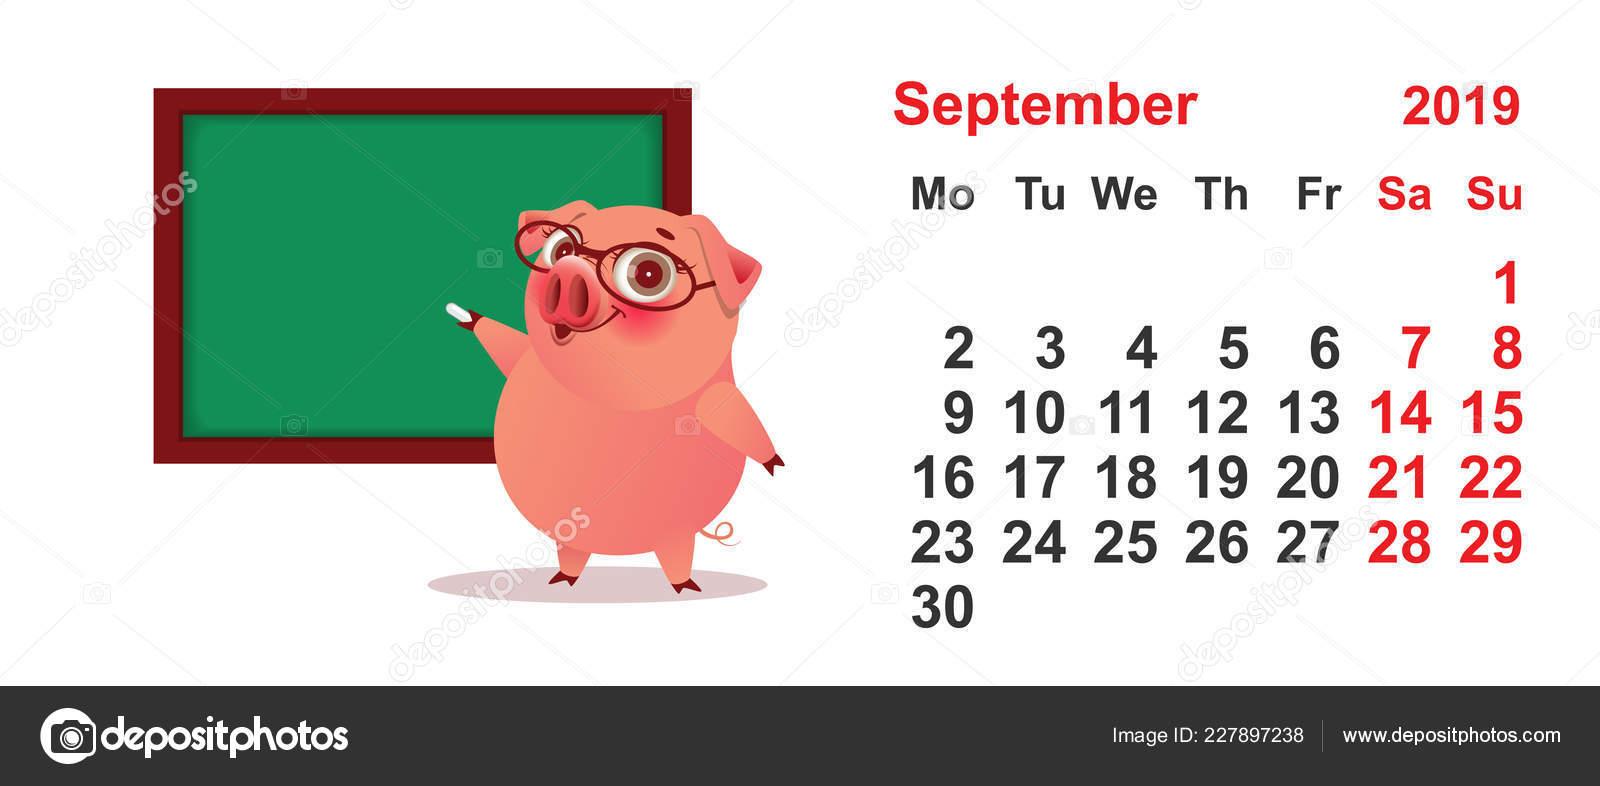 Calendario Dibujo Septiembre.Calendario Septiembre 2019 Ano Cerdo Profesor Pizarra Verde